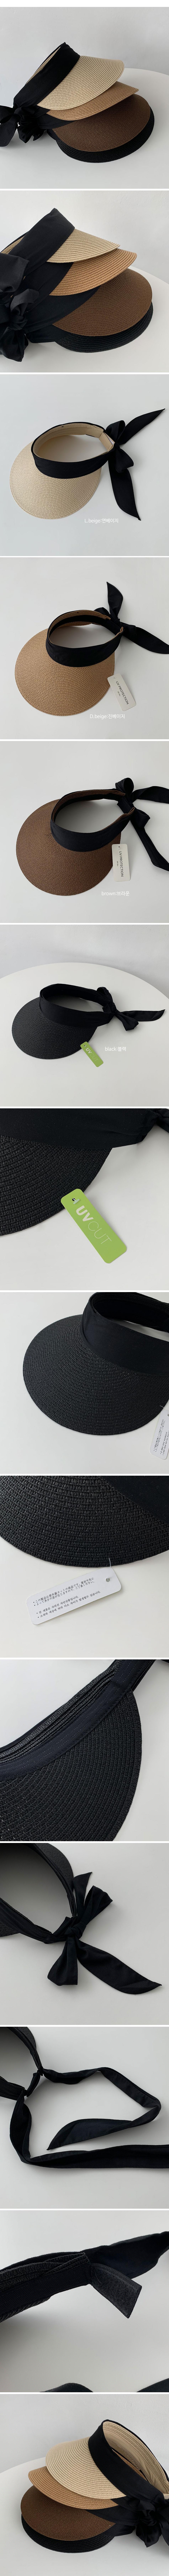 抗UV寬簷綁帶遮陽草帽